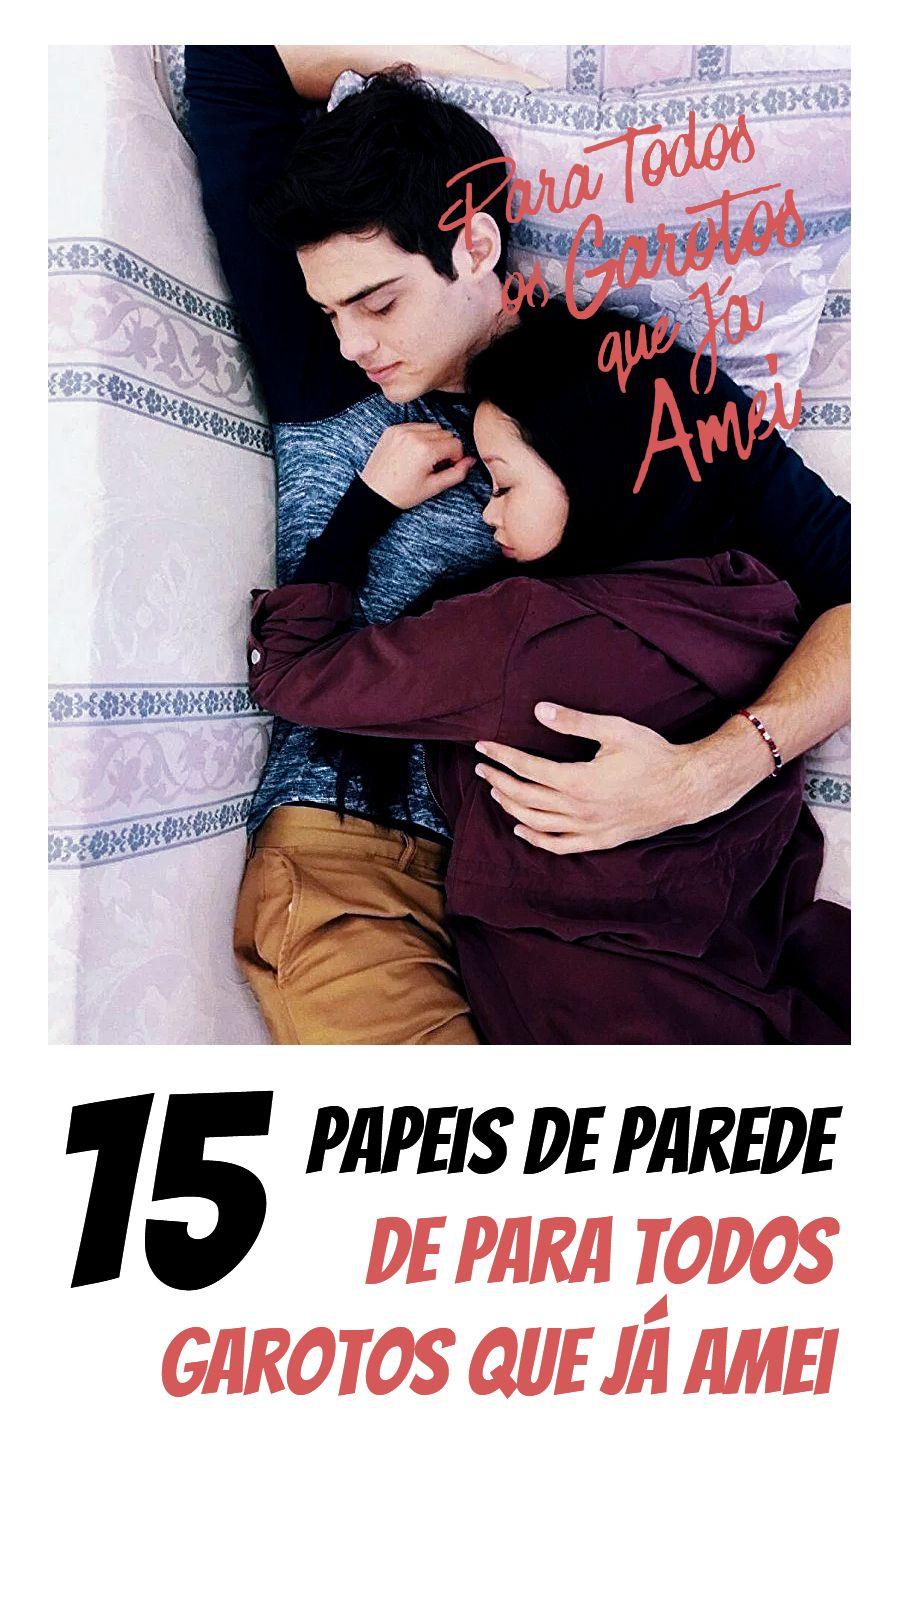 15 Papeis De Parede Filme Para Todos Os Garotos Que Amei